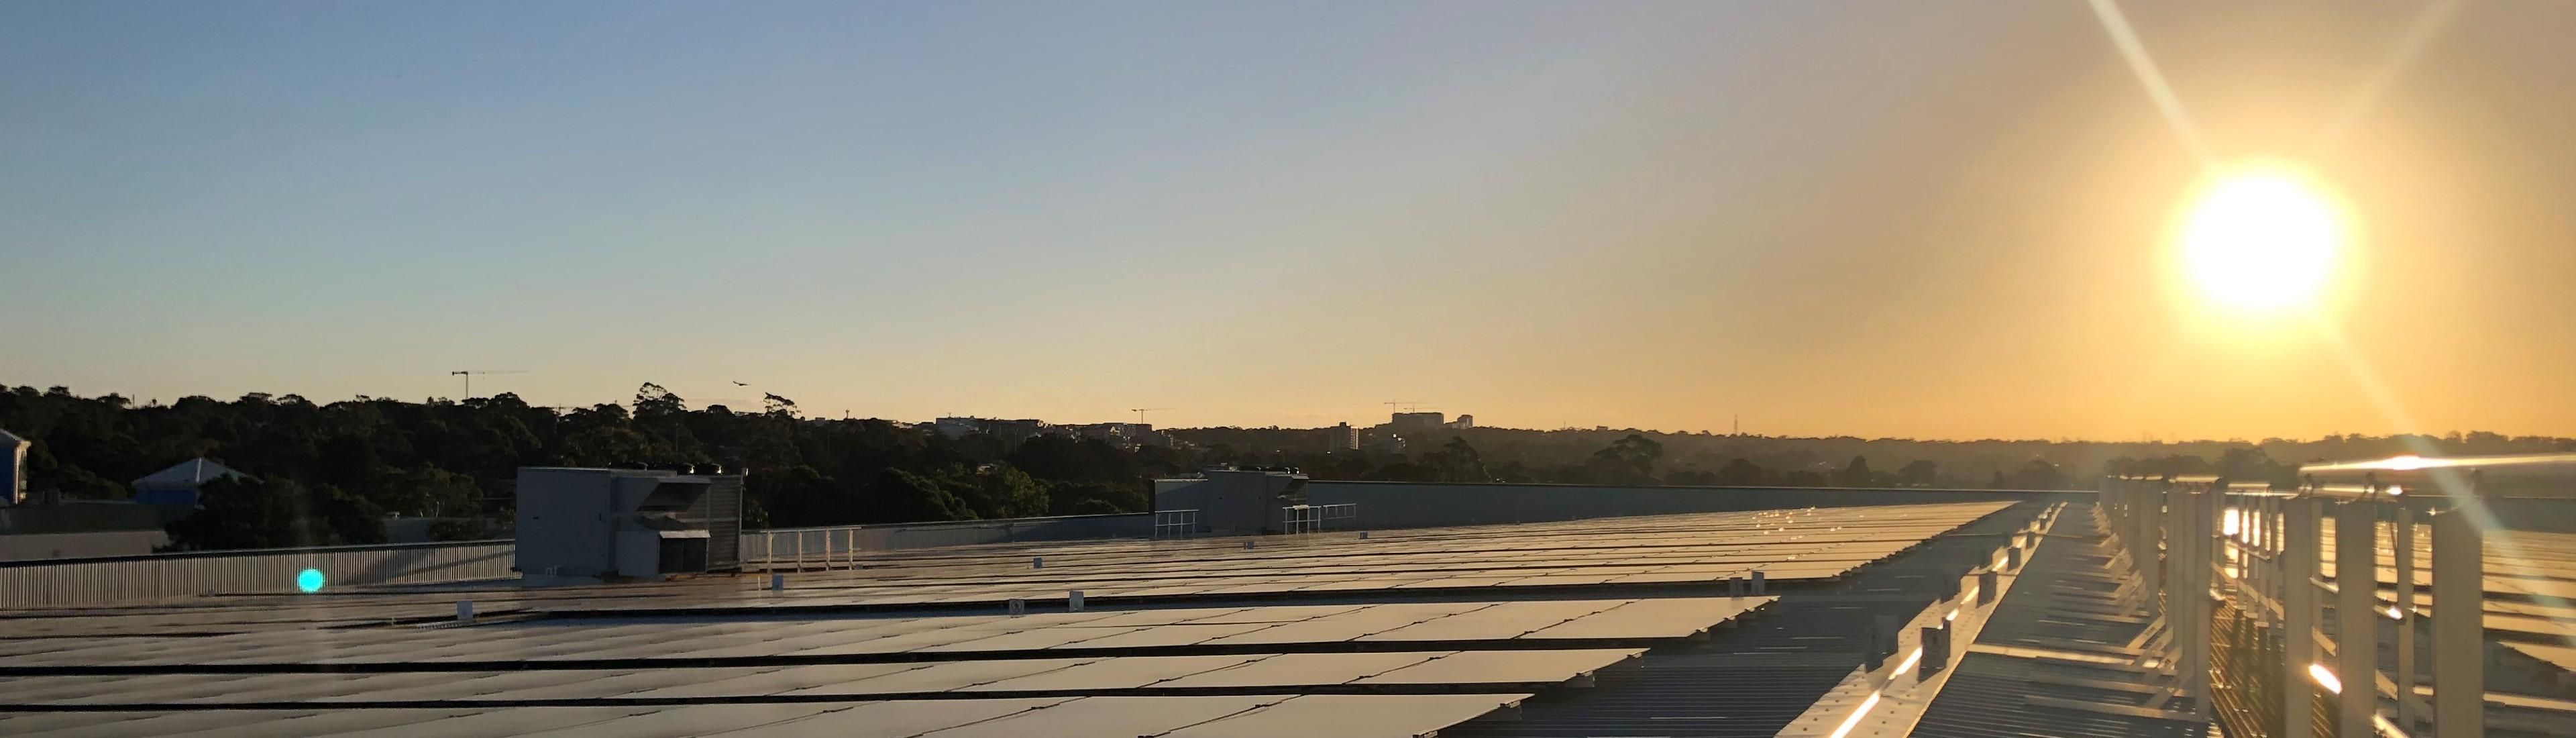 Bunnings solar POD